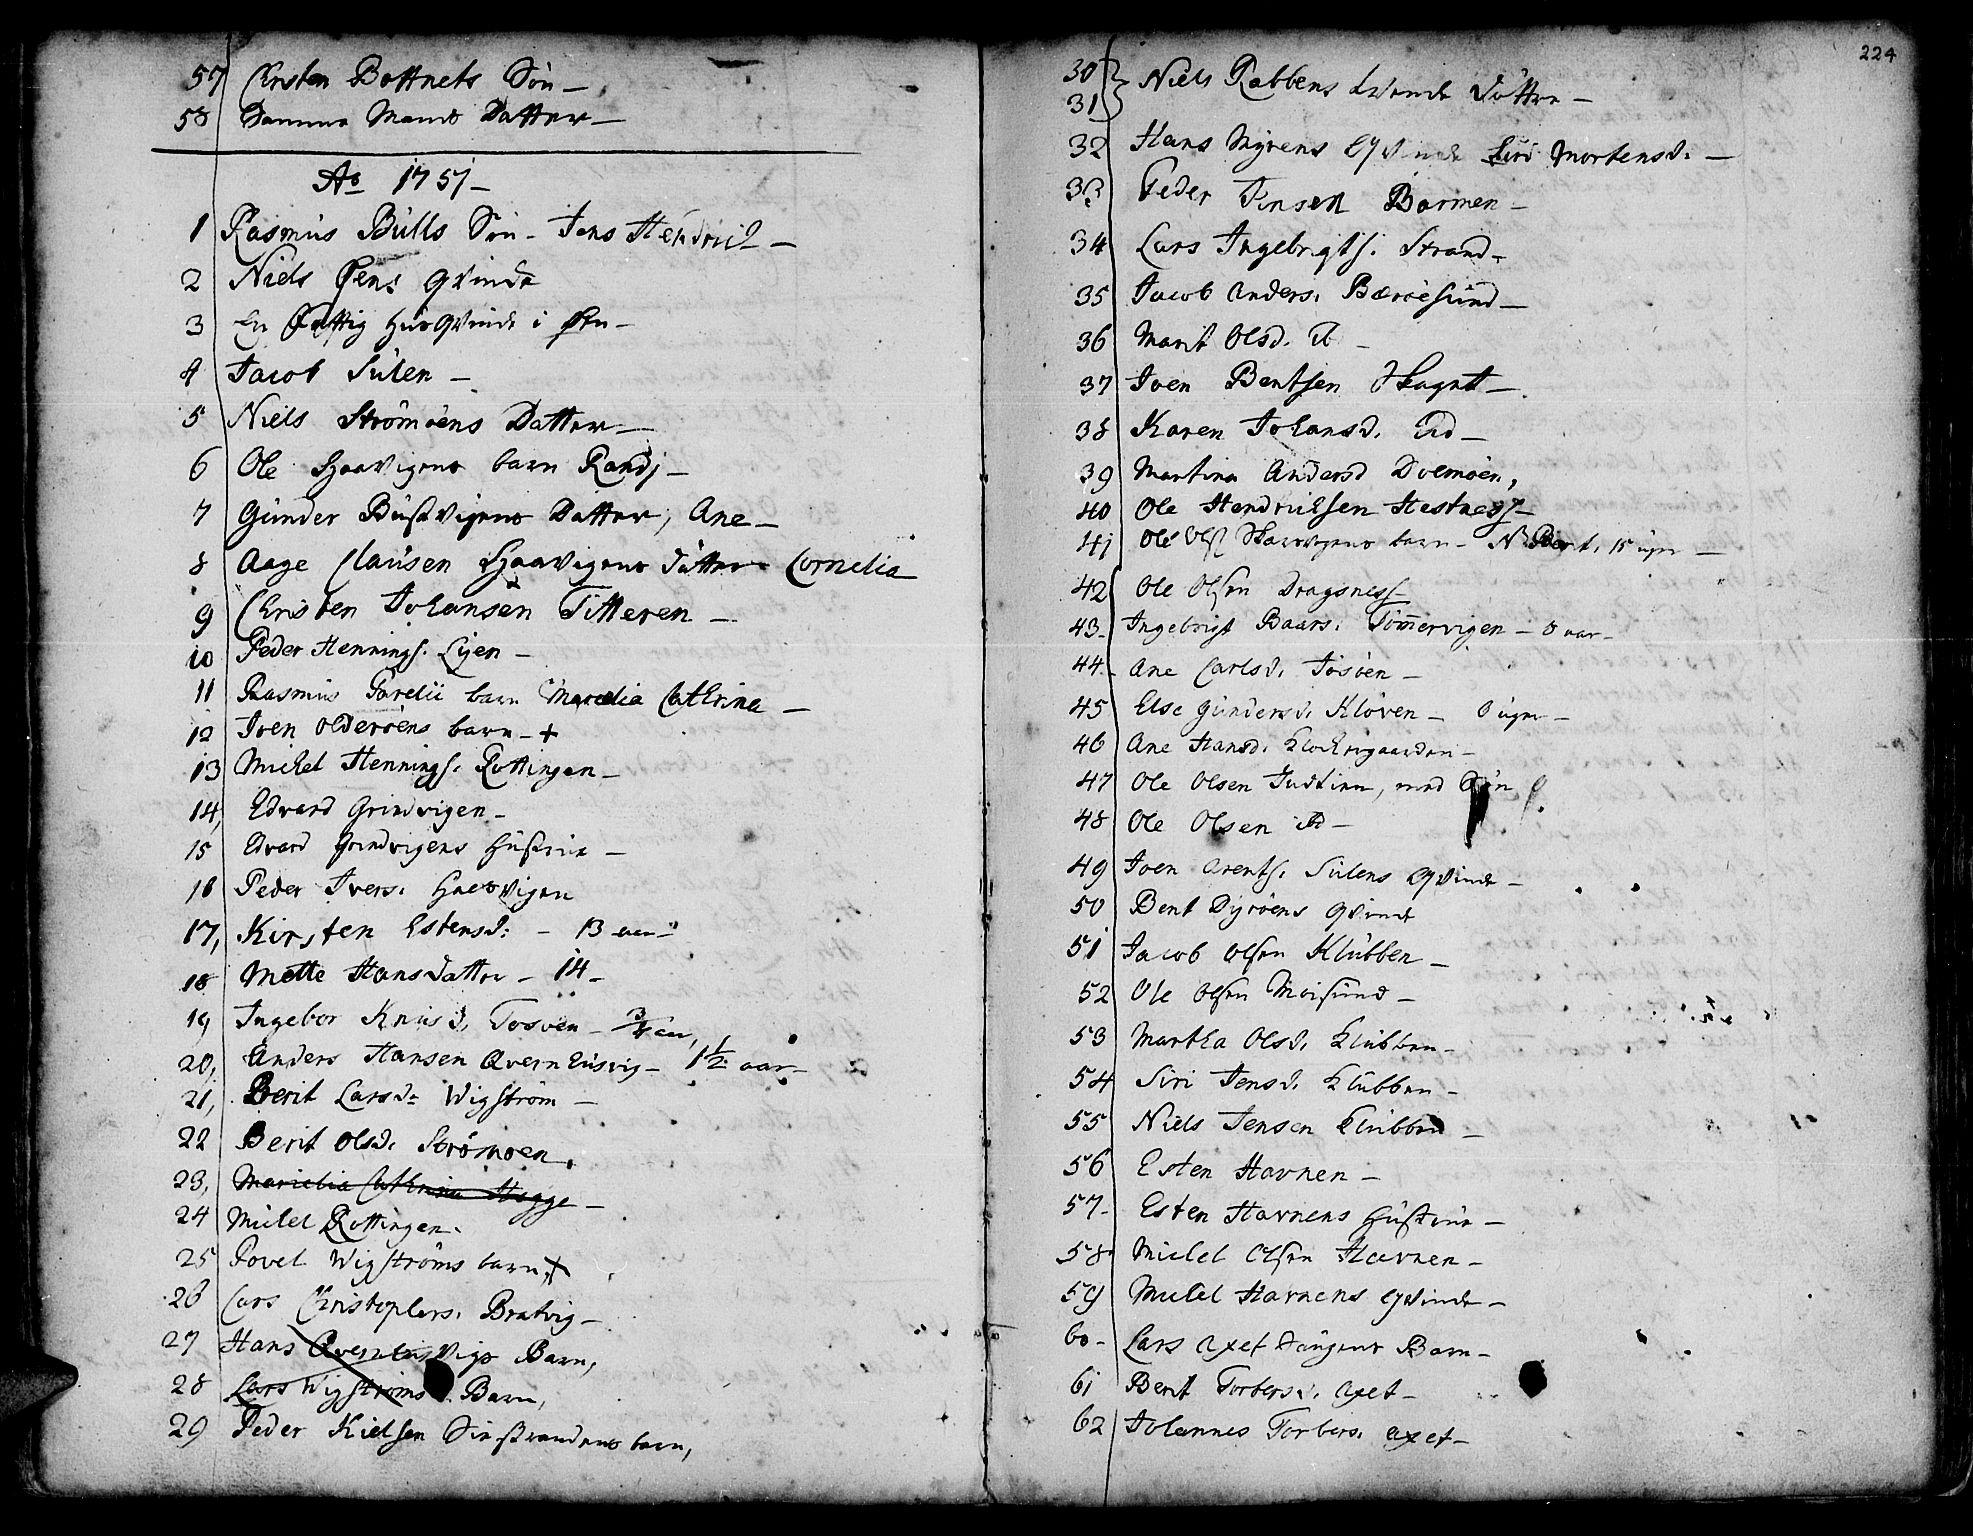 SAT, Ministerialprotokoller, klokkerbøker og fødselsregistre - Sør-Trøndelag, 634/L0525: Ministerialbok nr. 634A01, 1736-1775, s. 224